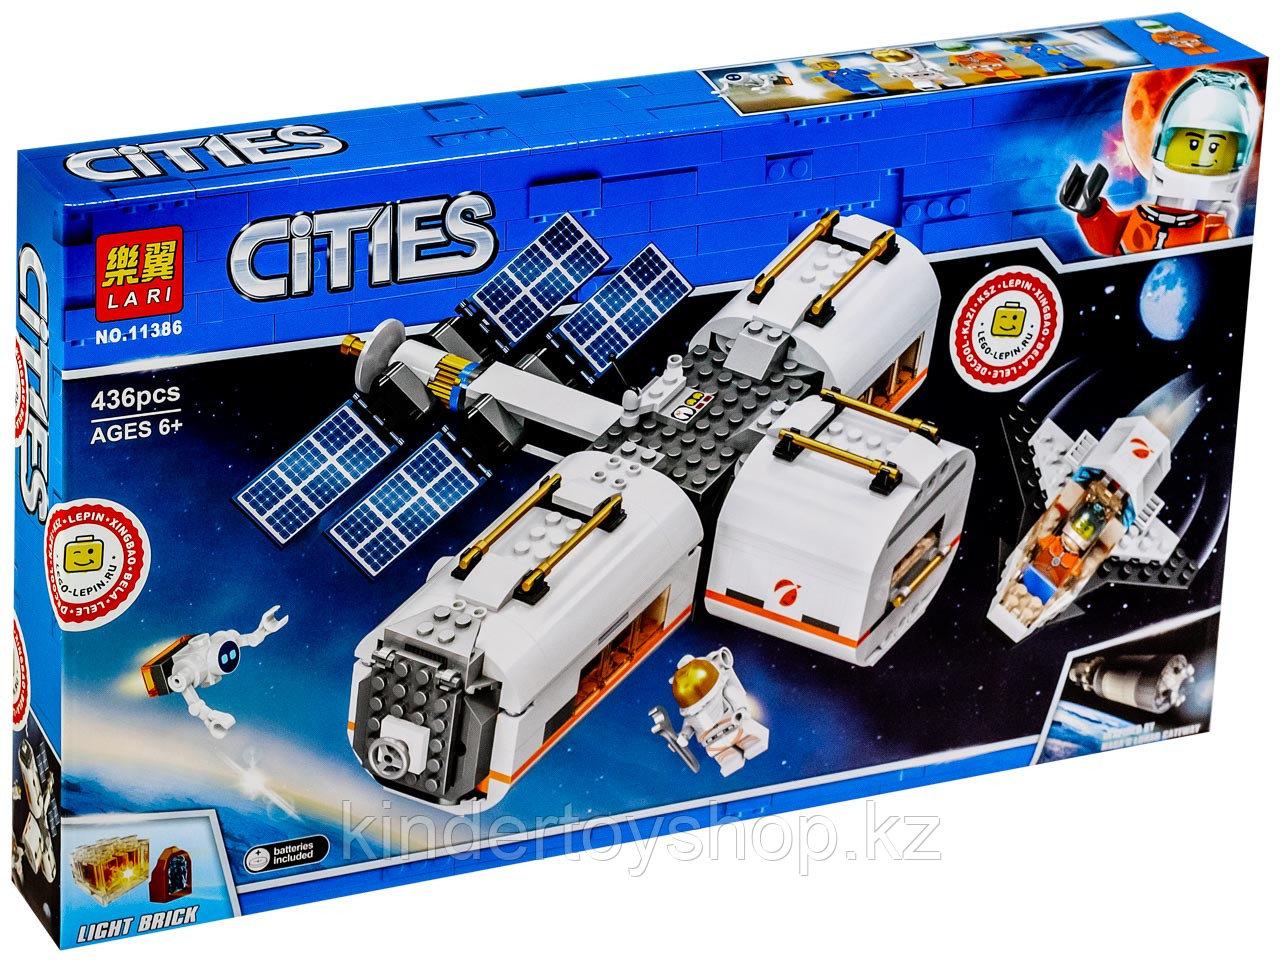 Конструктор Аналог лего Lego 60227, Lari 11386 Лунная космическая станция